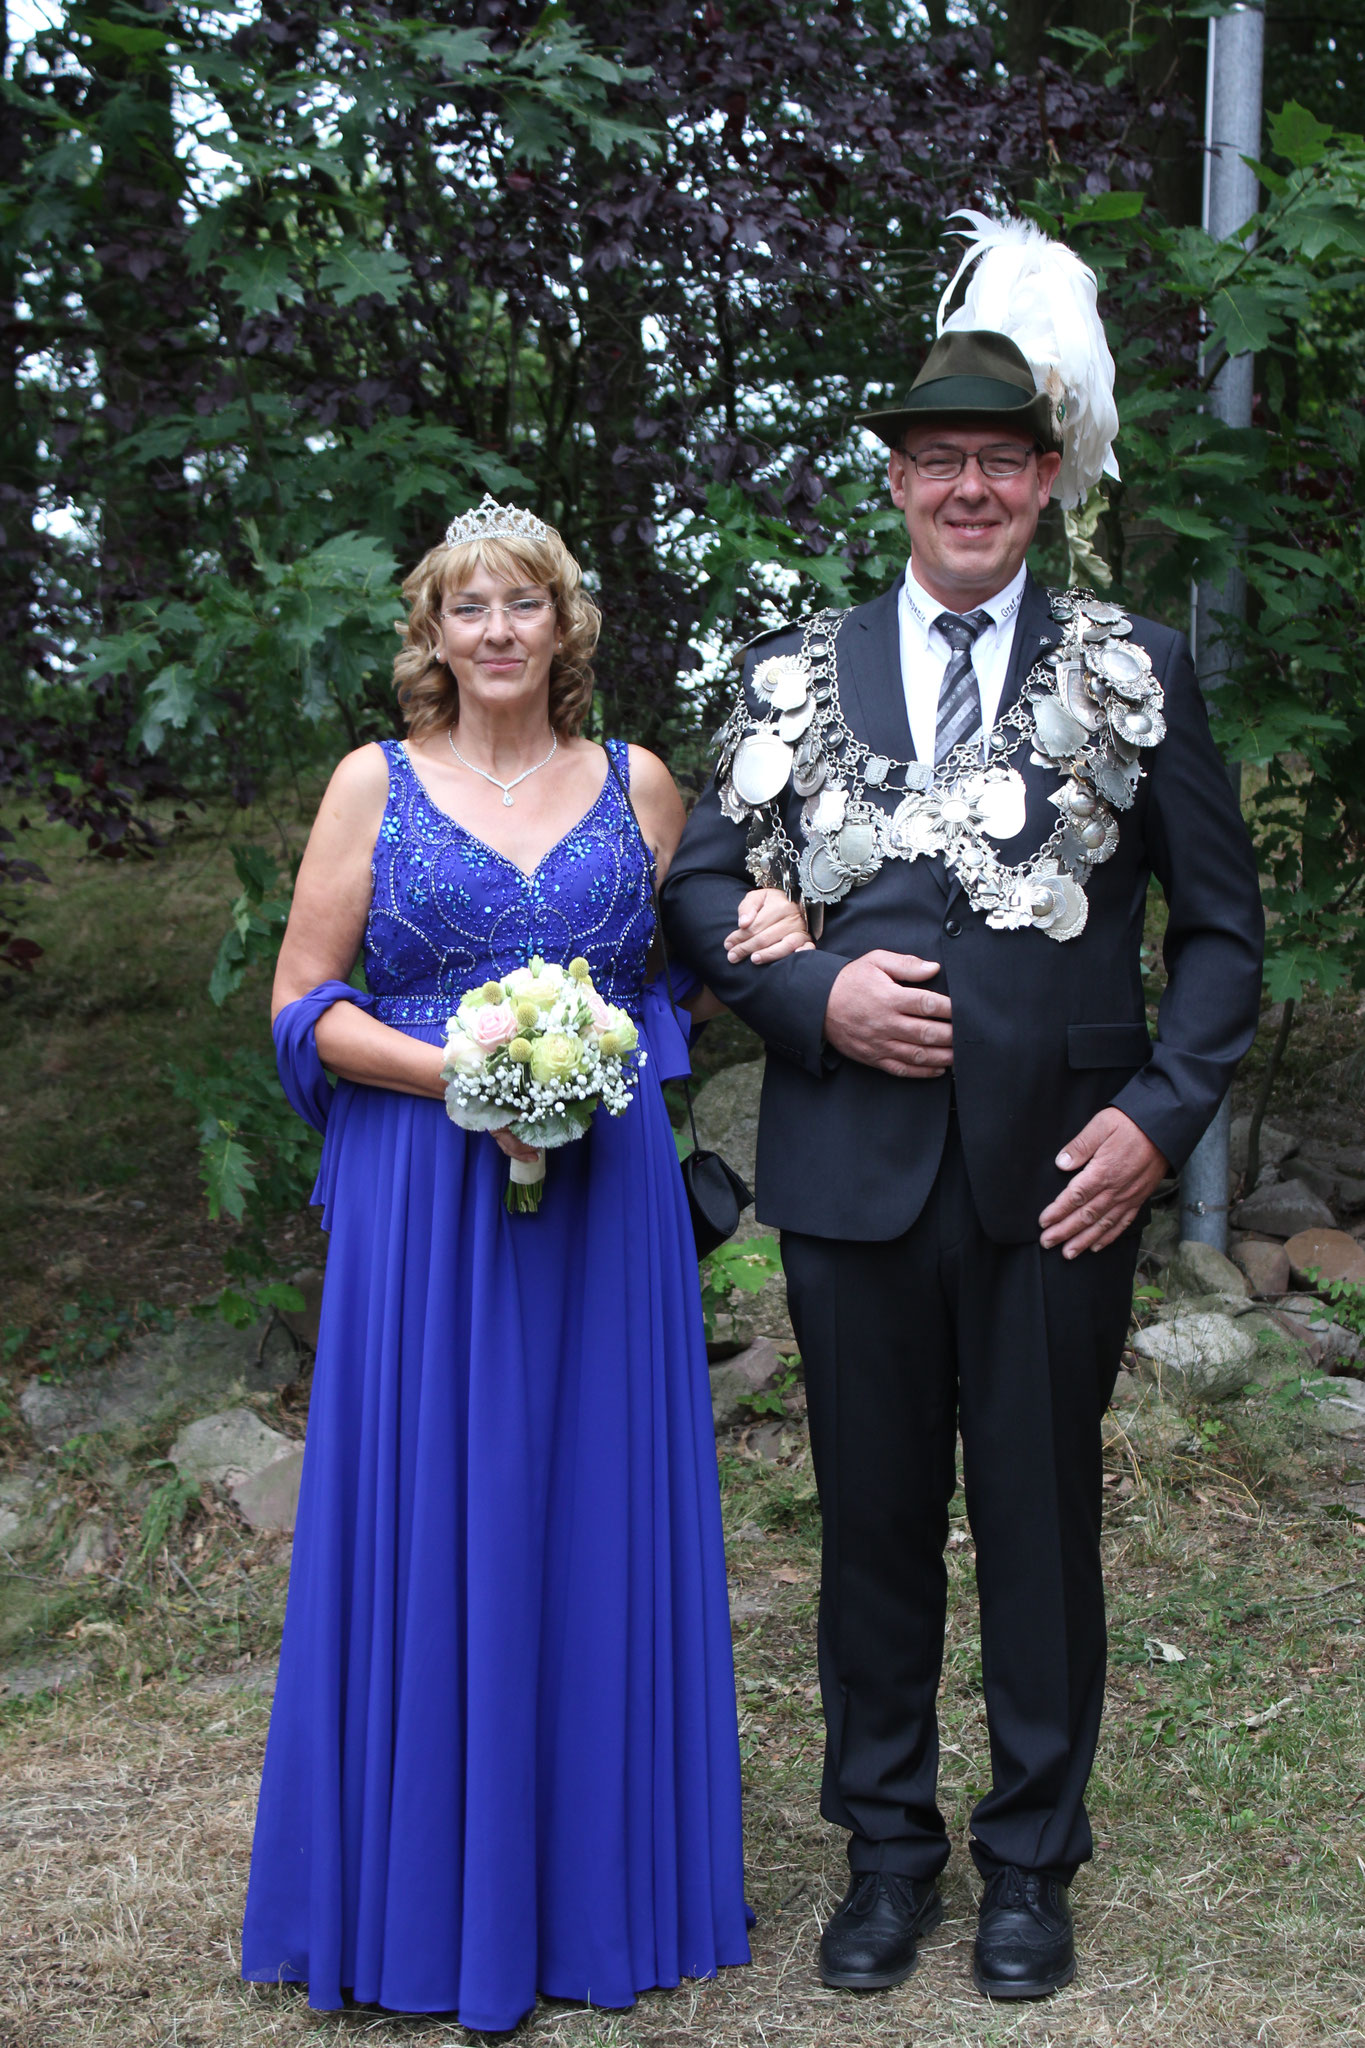 König Manfred Rudolph und Sabine Bavendiek im Jahr 2019